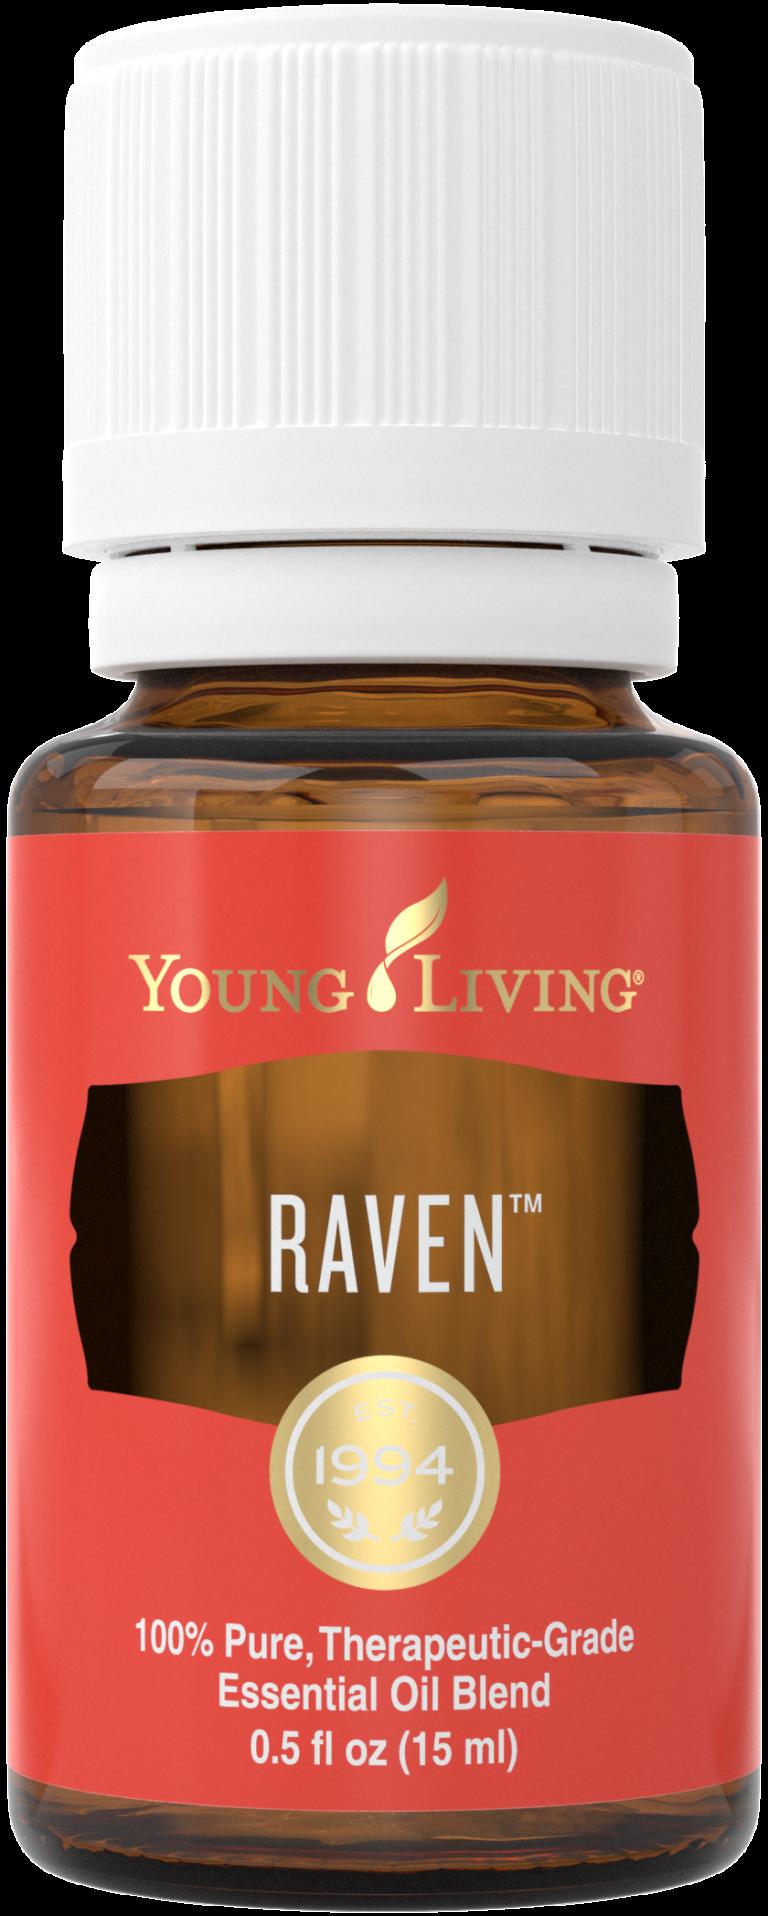 raven_15ml_silo_us_2016_24527180585_o